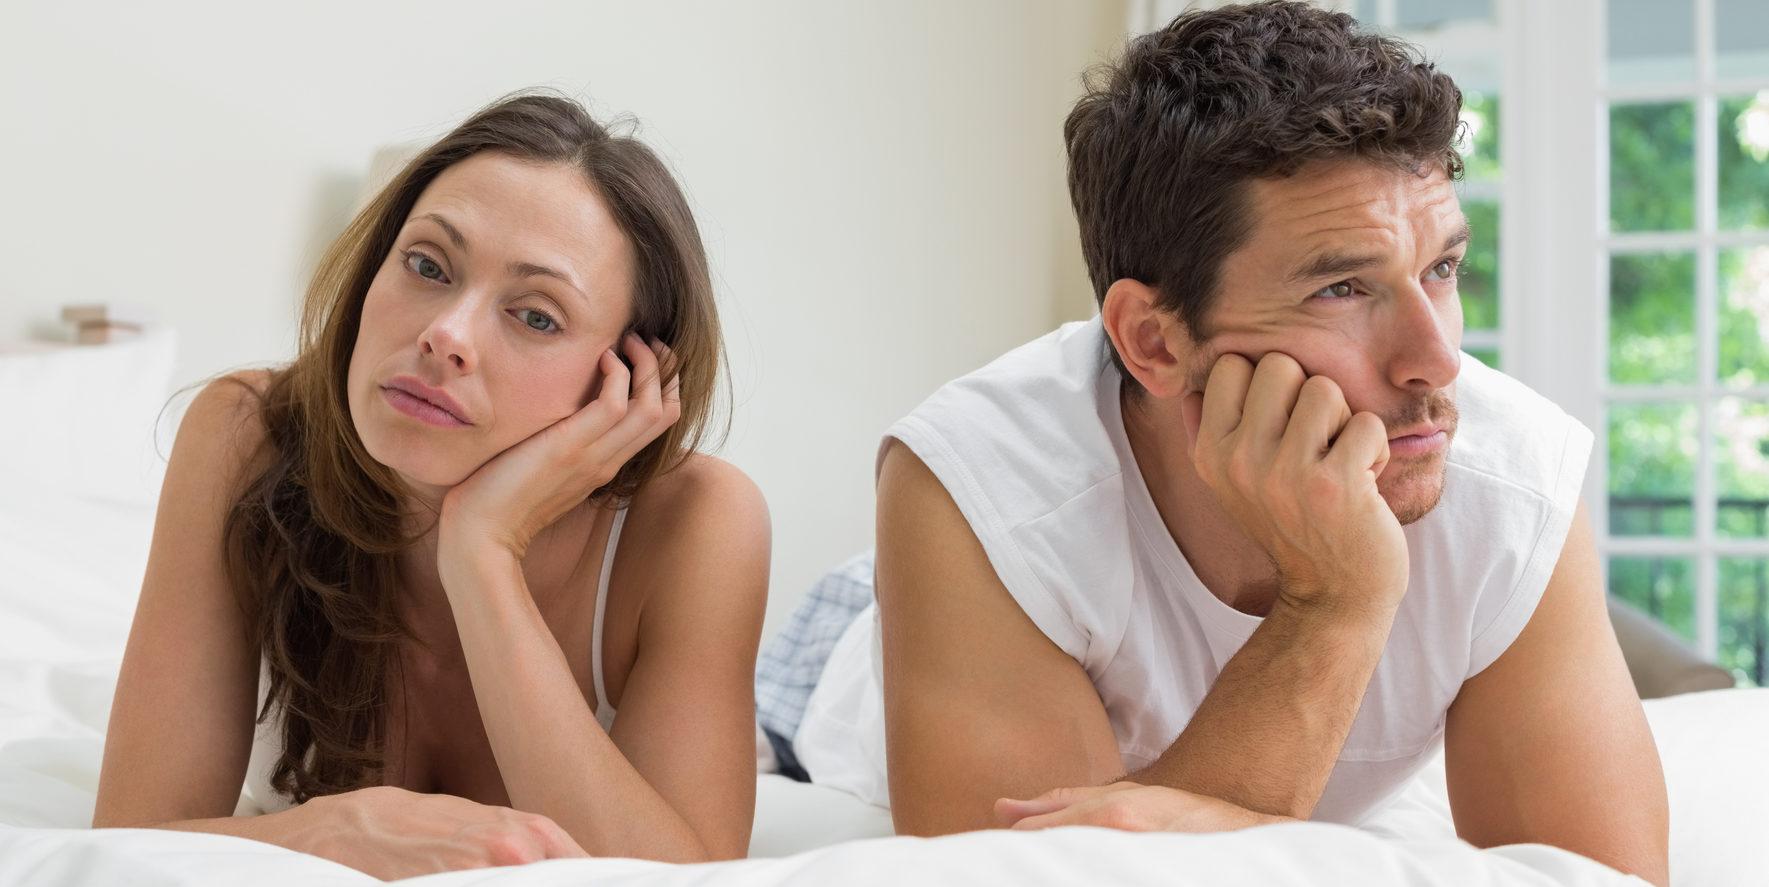 Predčasná ejakulácia sa dá liečiť